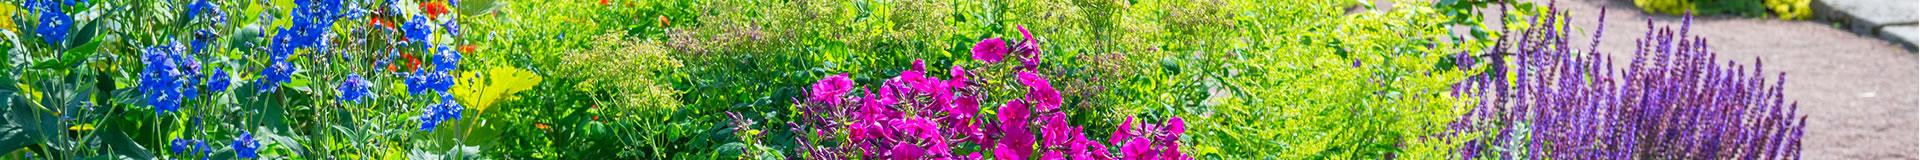 Obituaries | Magnolia Funeral Home & Memorial Gardens